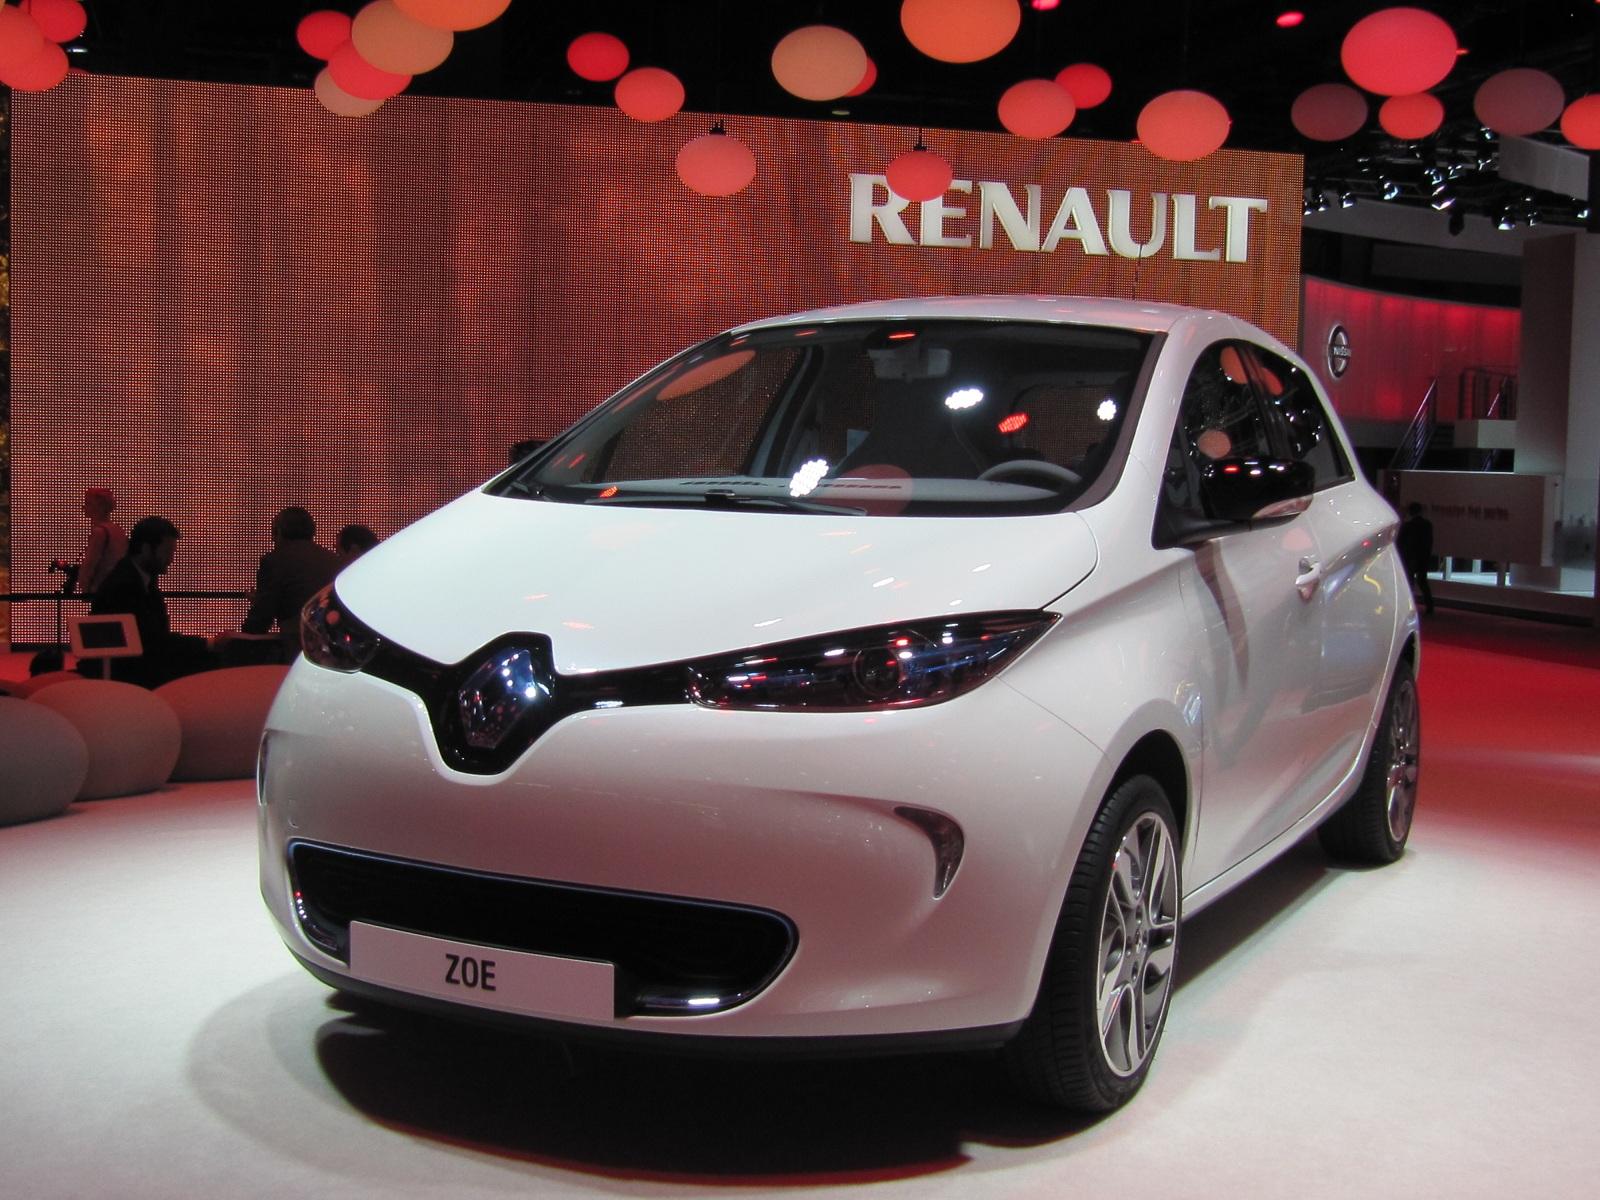 Used BMW I3 >> 2013 Renault Zoe Electric Car: Paris Auto Show Live Photos